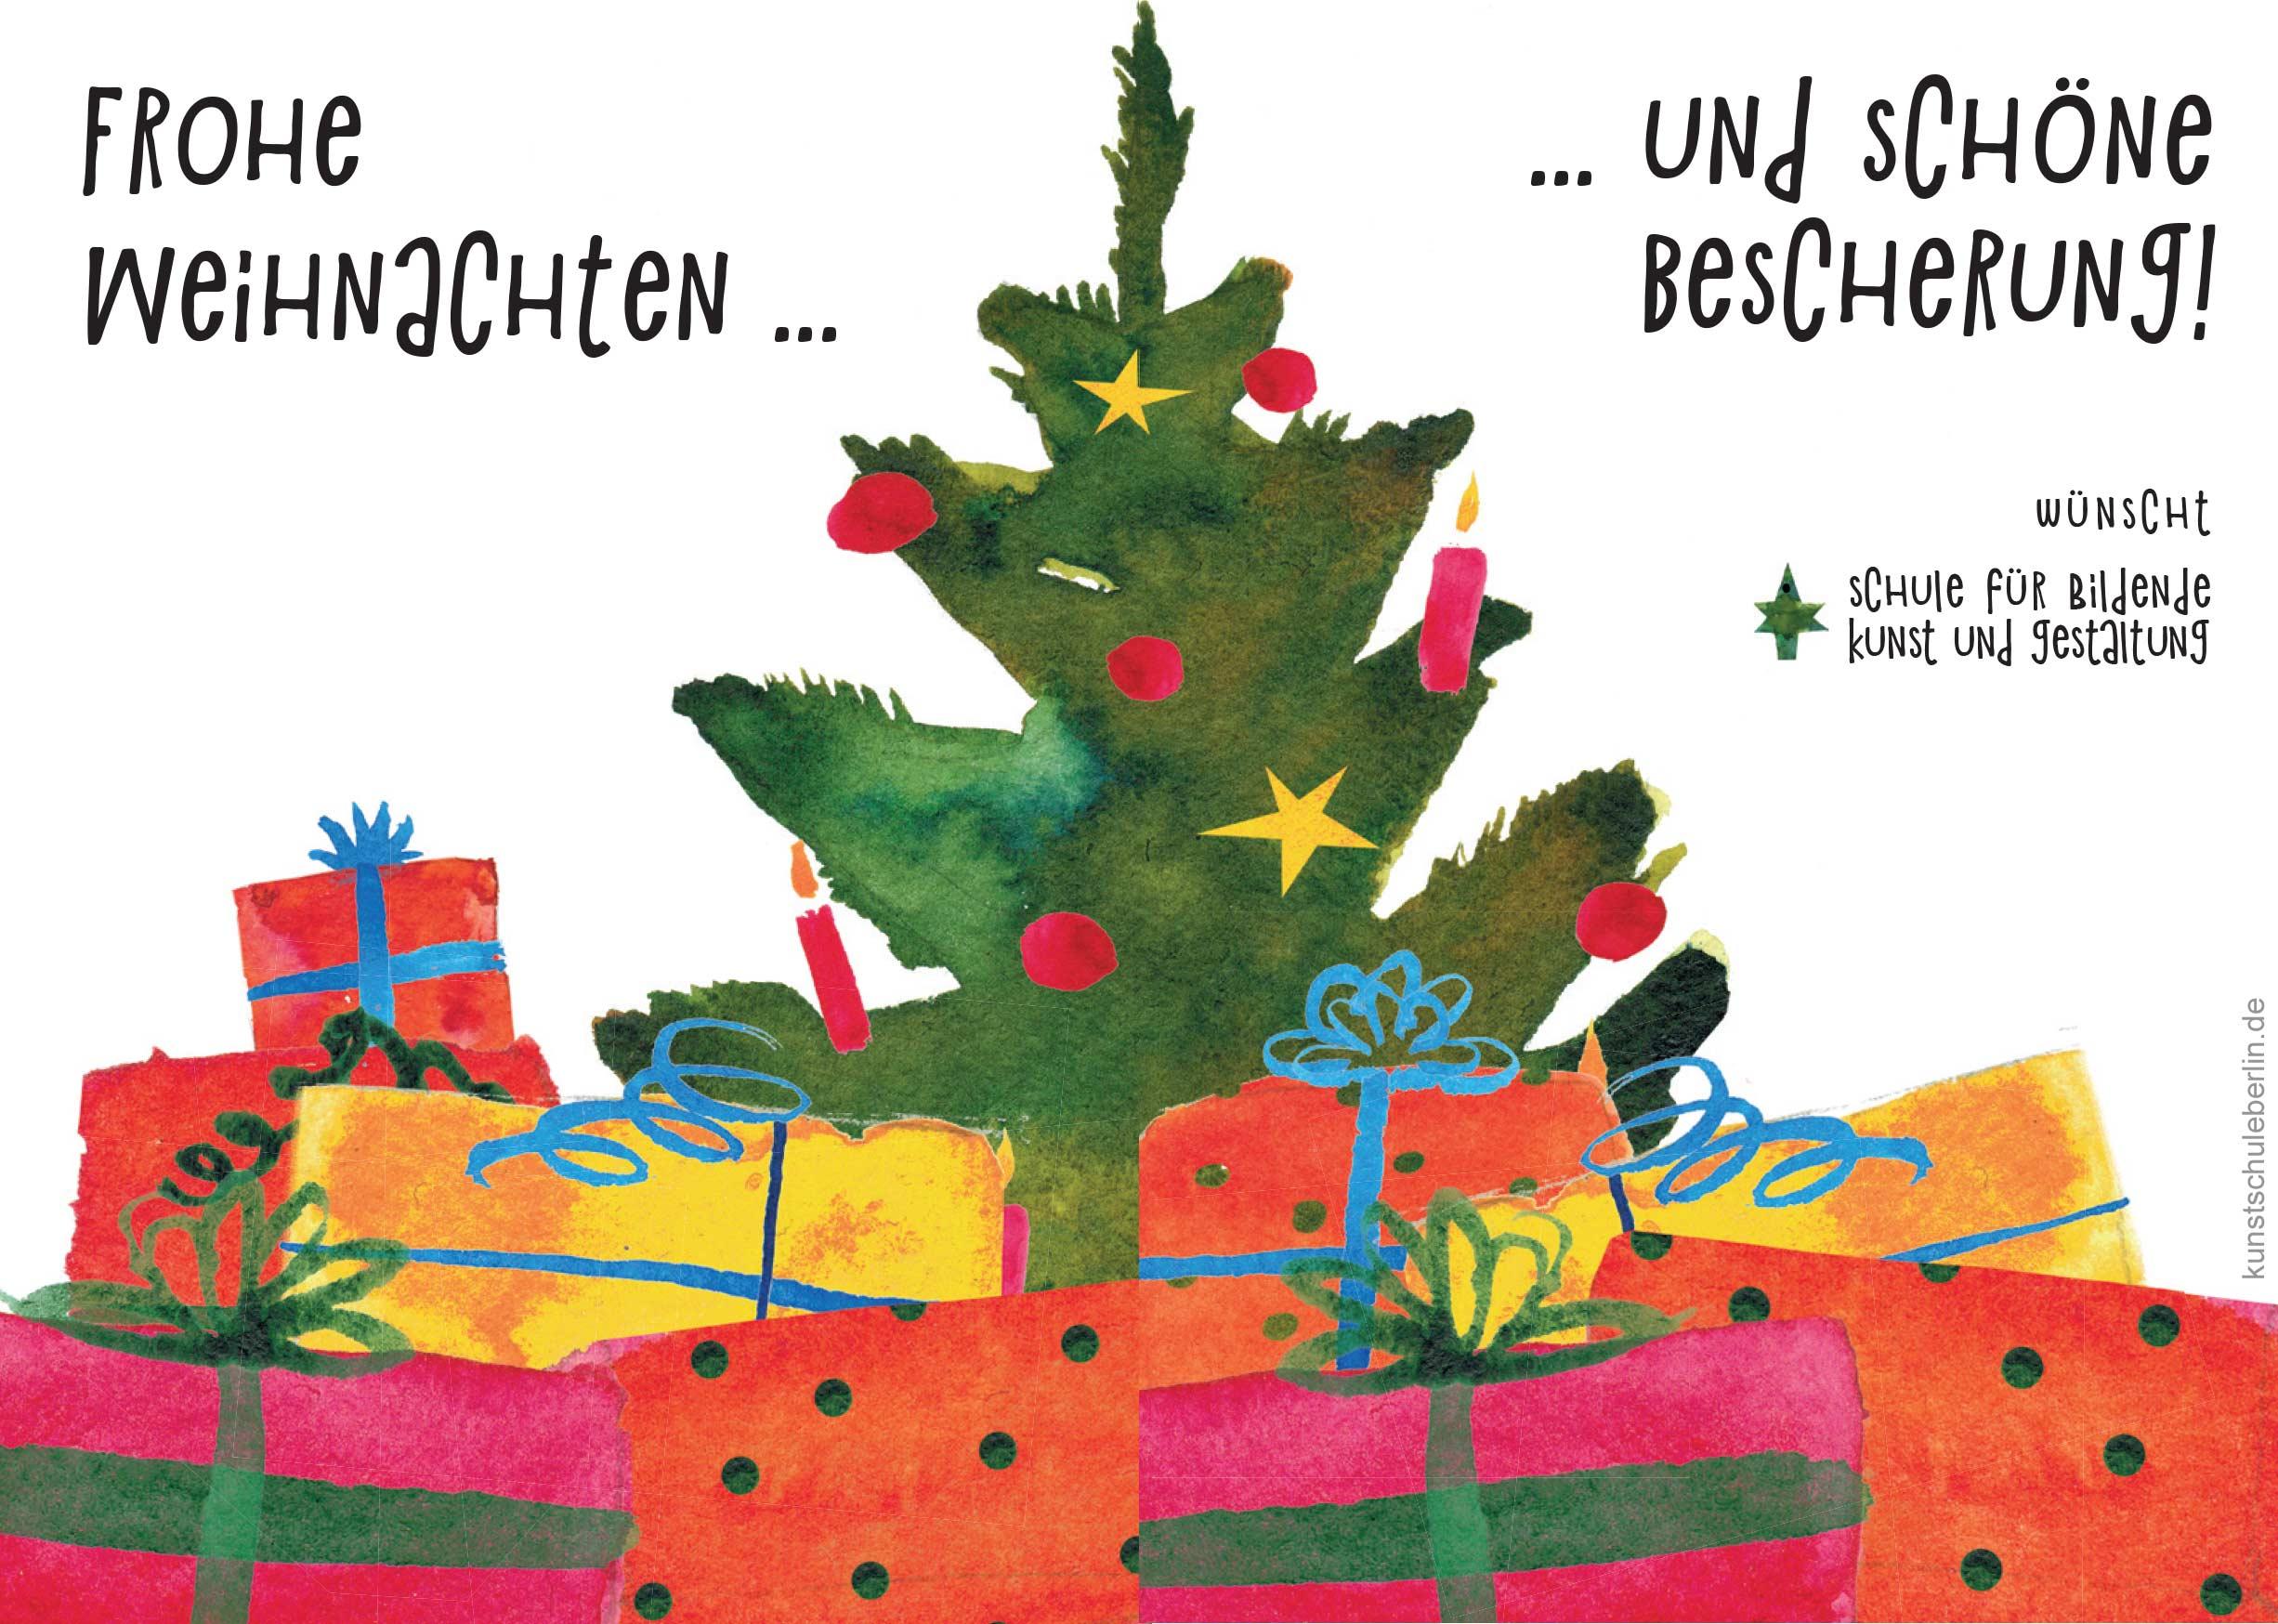 Weihnachtsferien in der Kunstschule sind von 23.12.19 bis 03.01.20